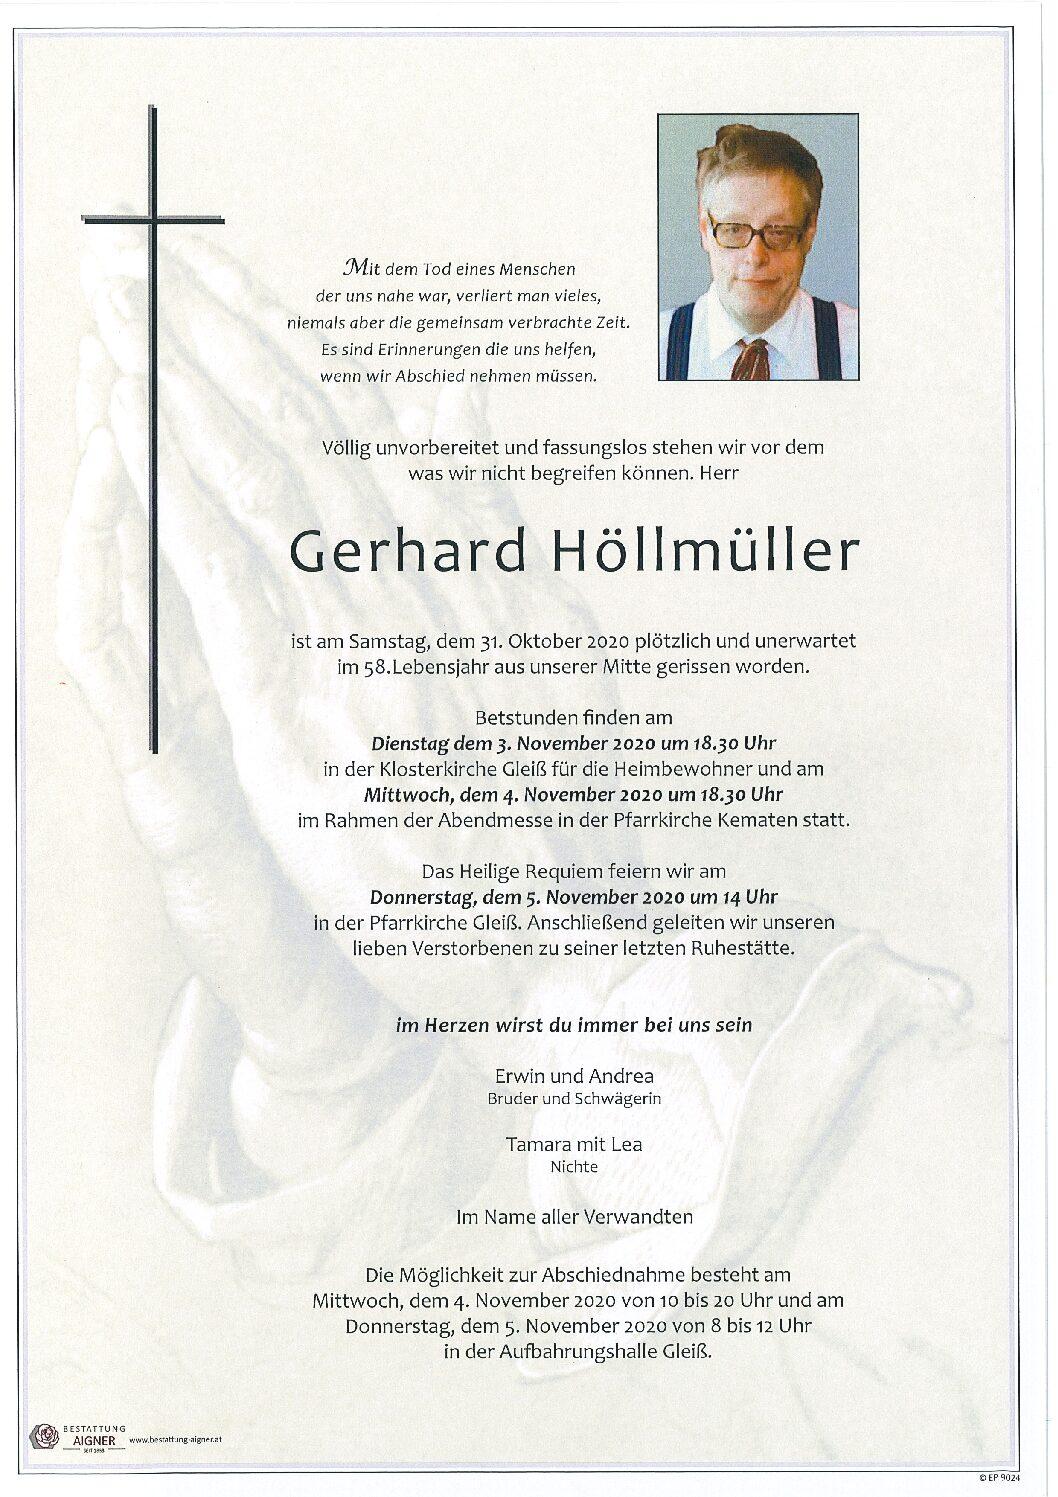 Gerhard Höllmüller